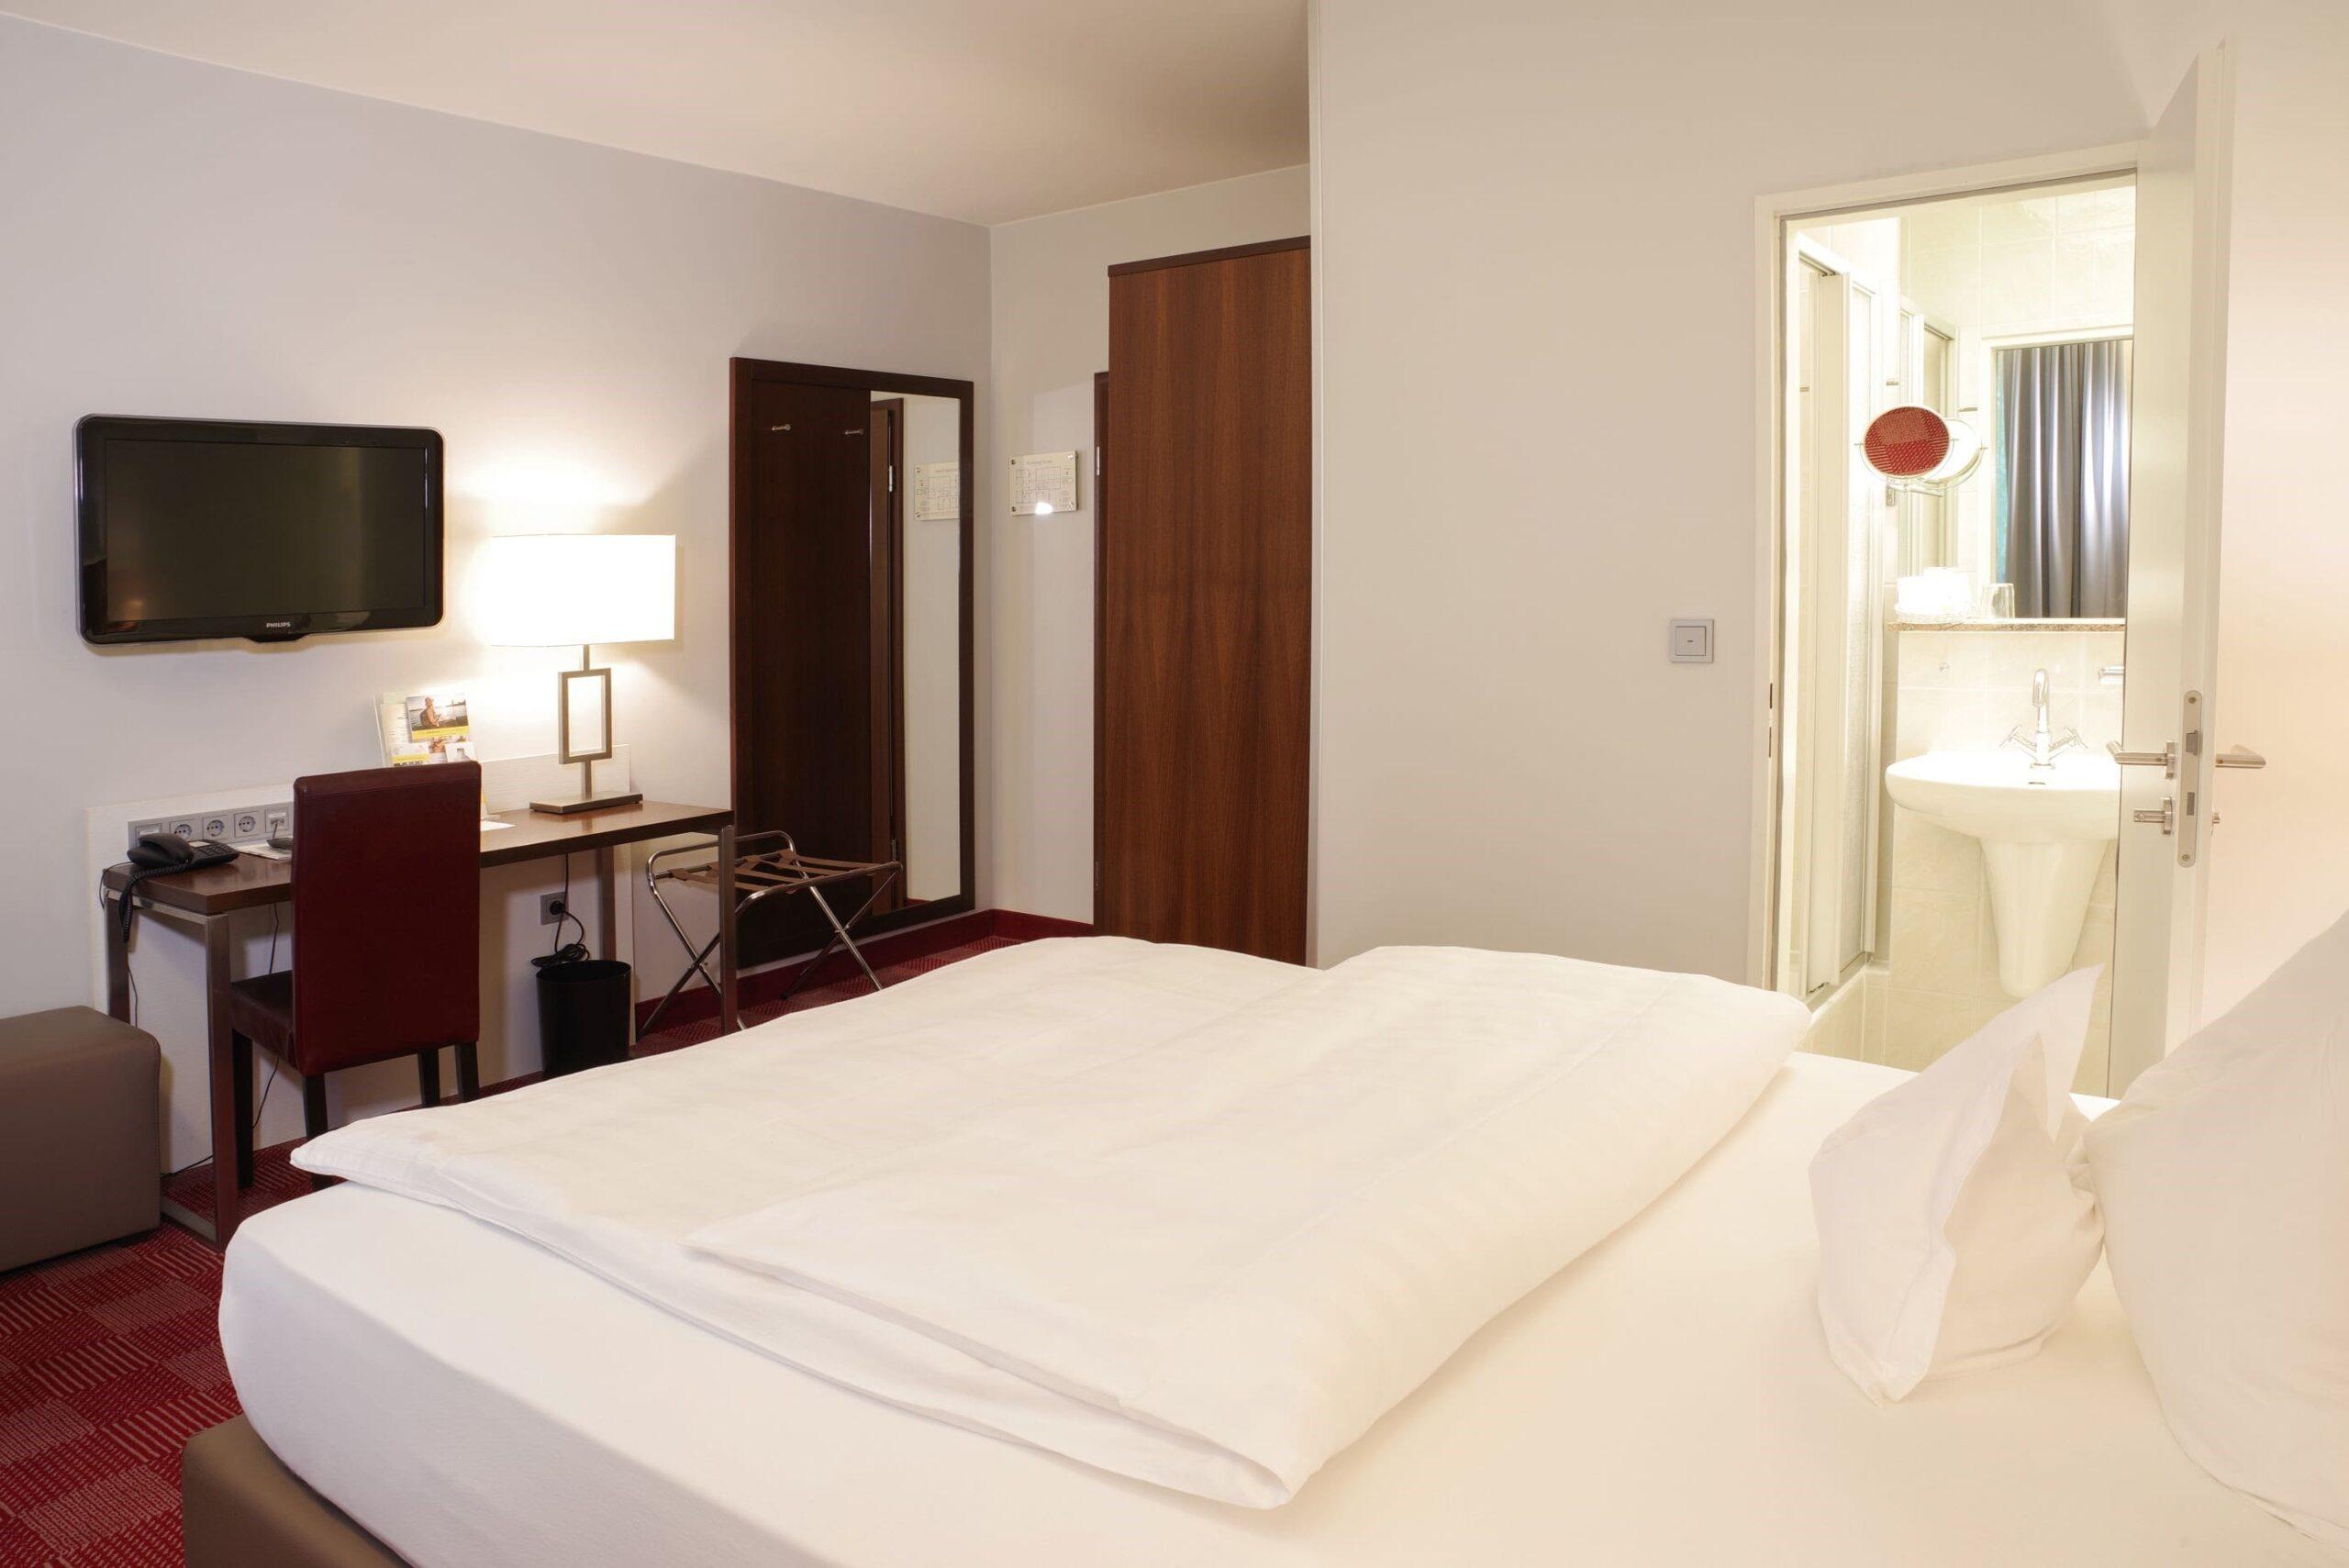 Standard_Einzelzimmer_standard single room